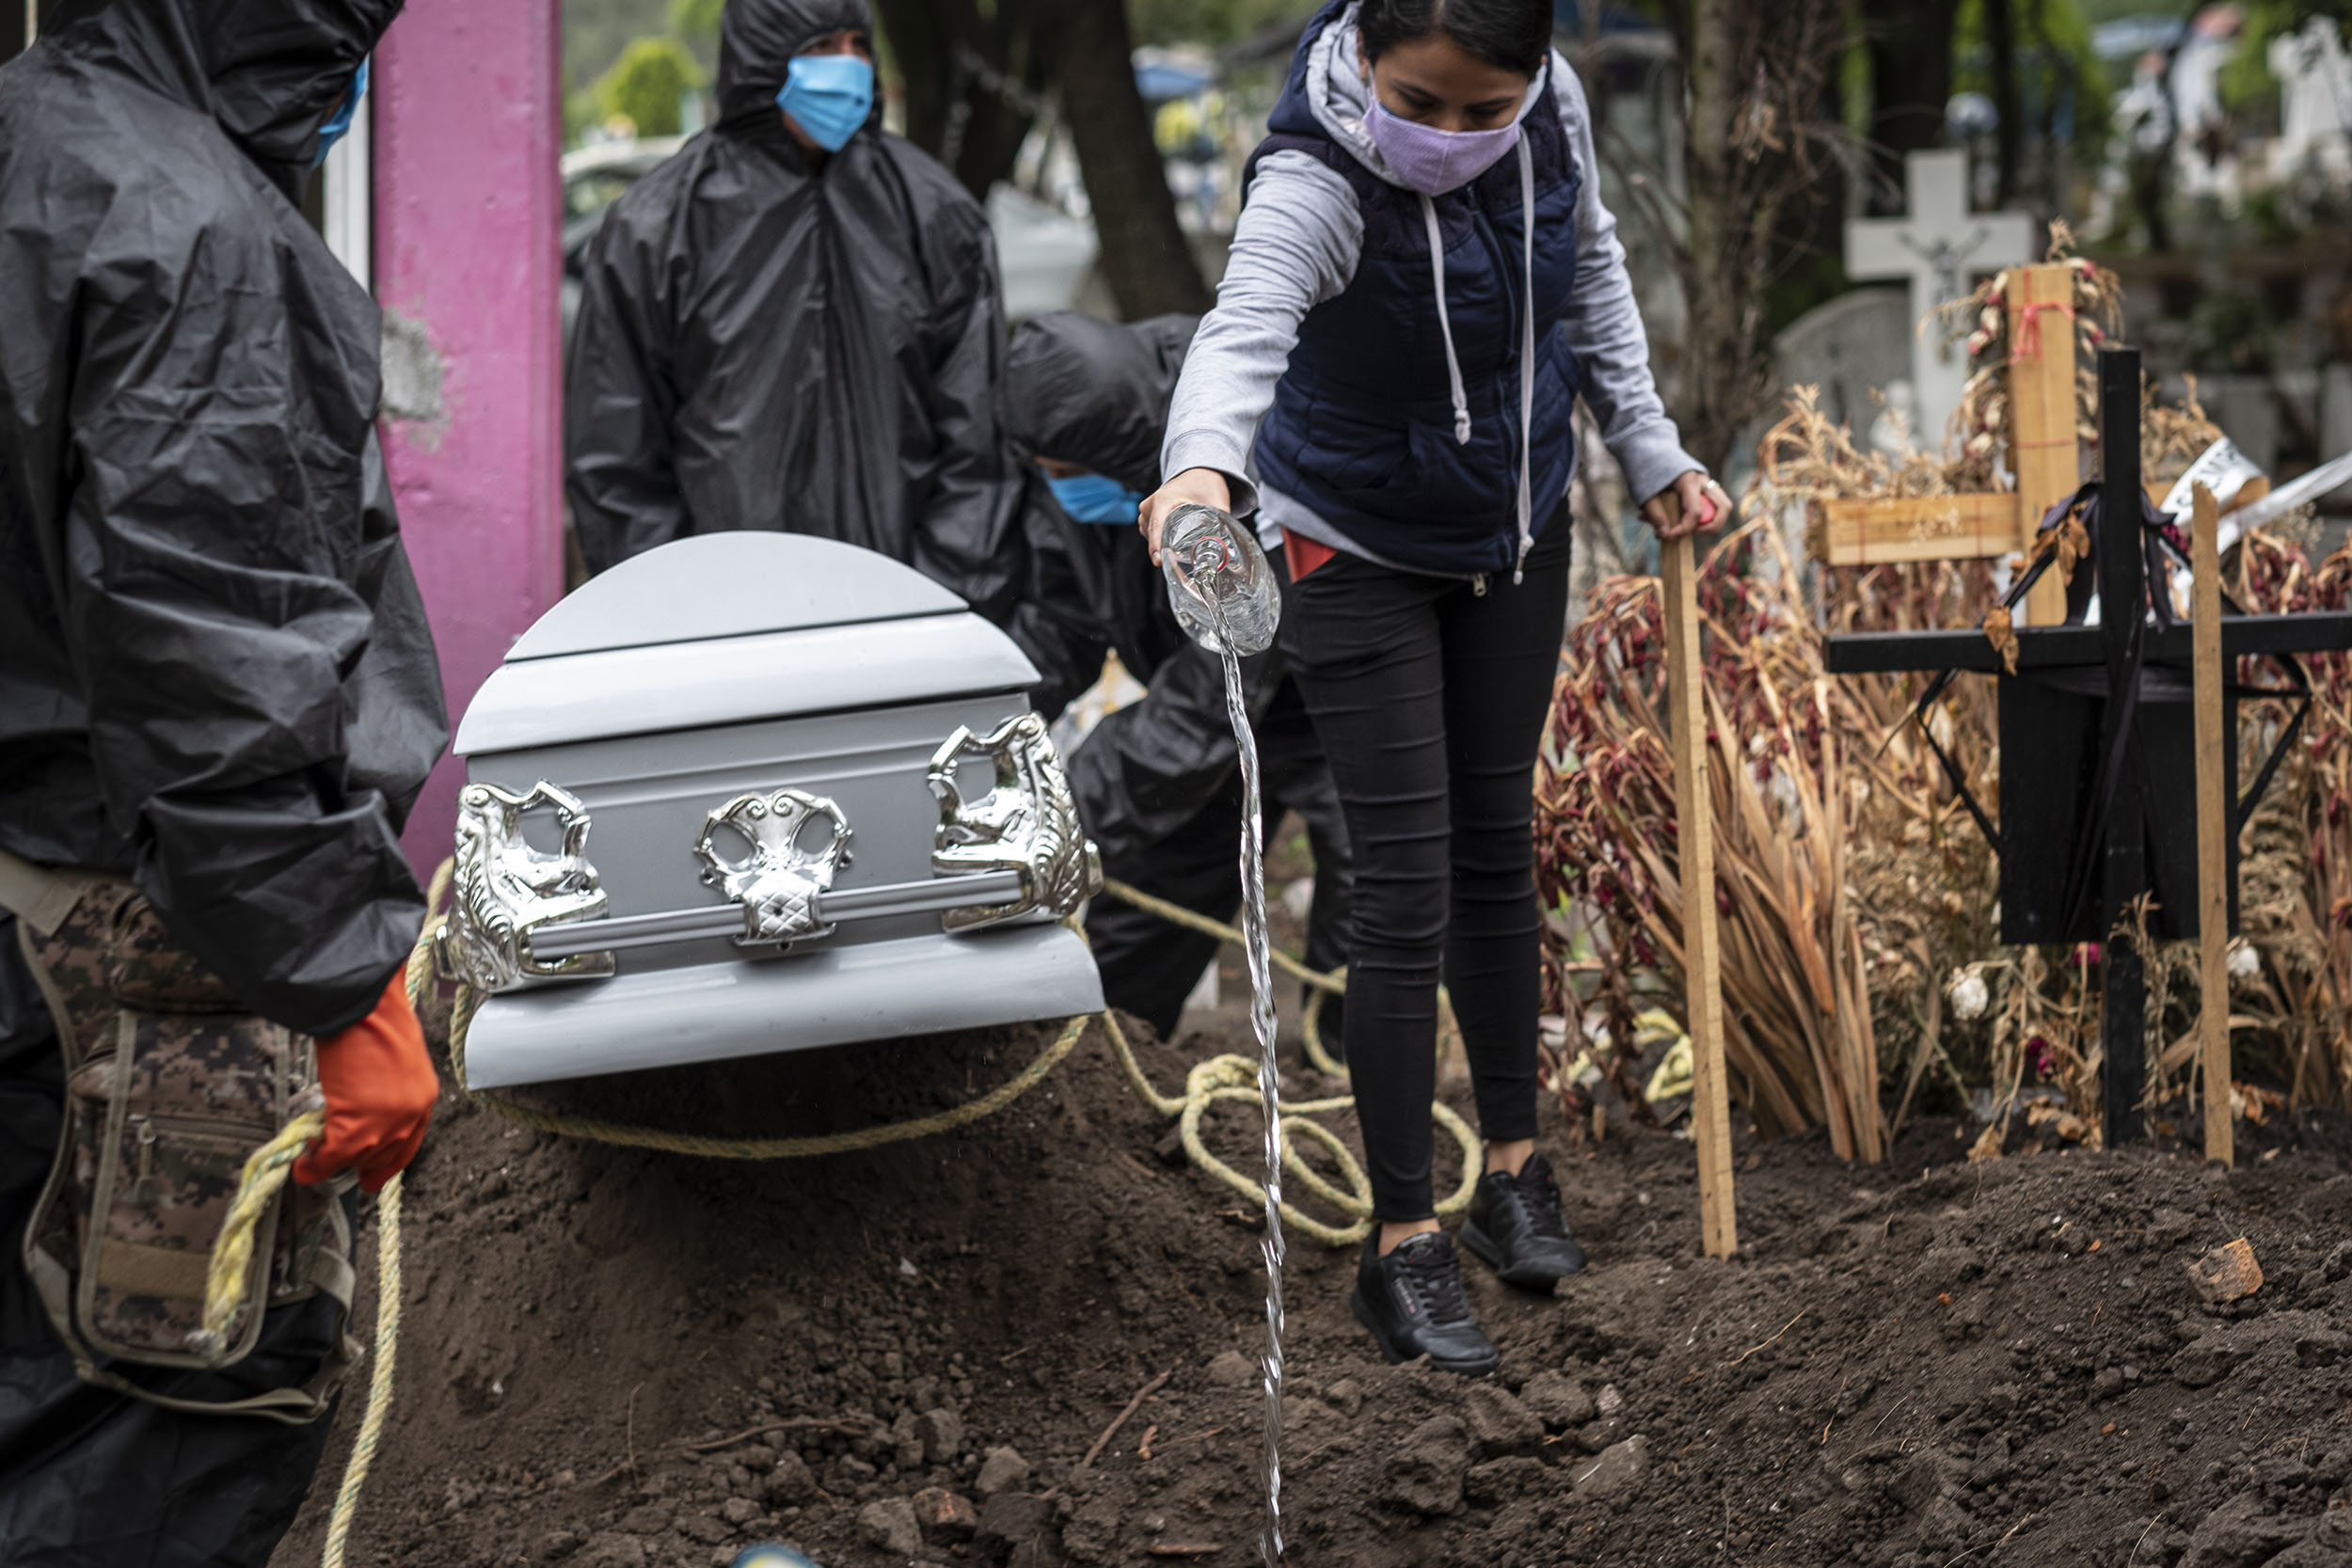 Meksika tejkalon Spanjën për numrin e viktimave nga Covid-19